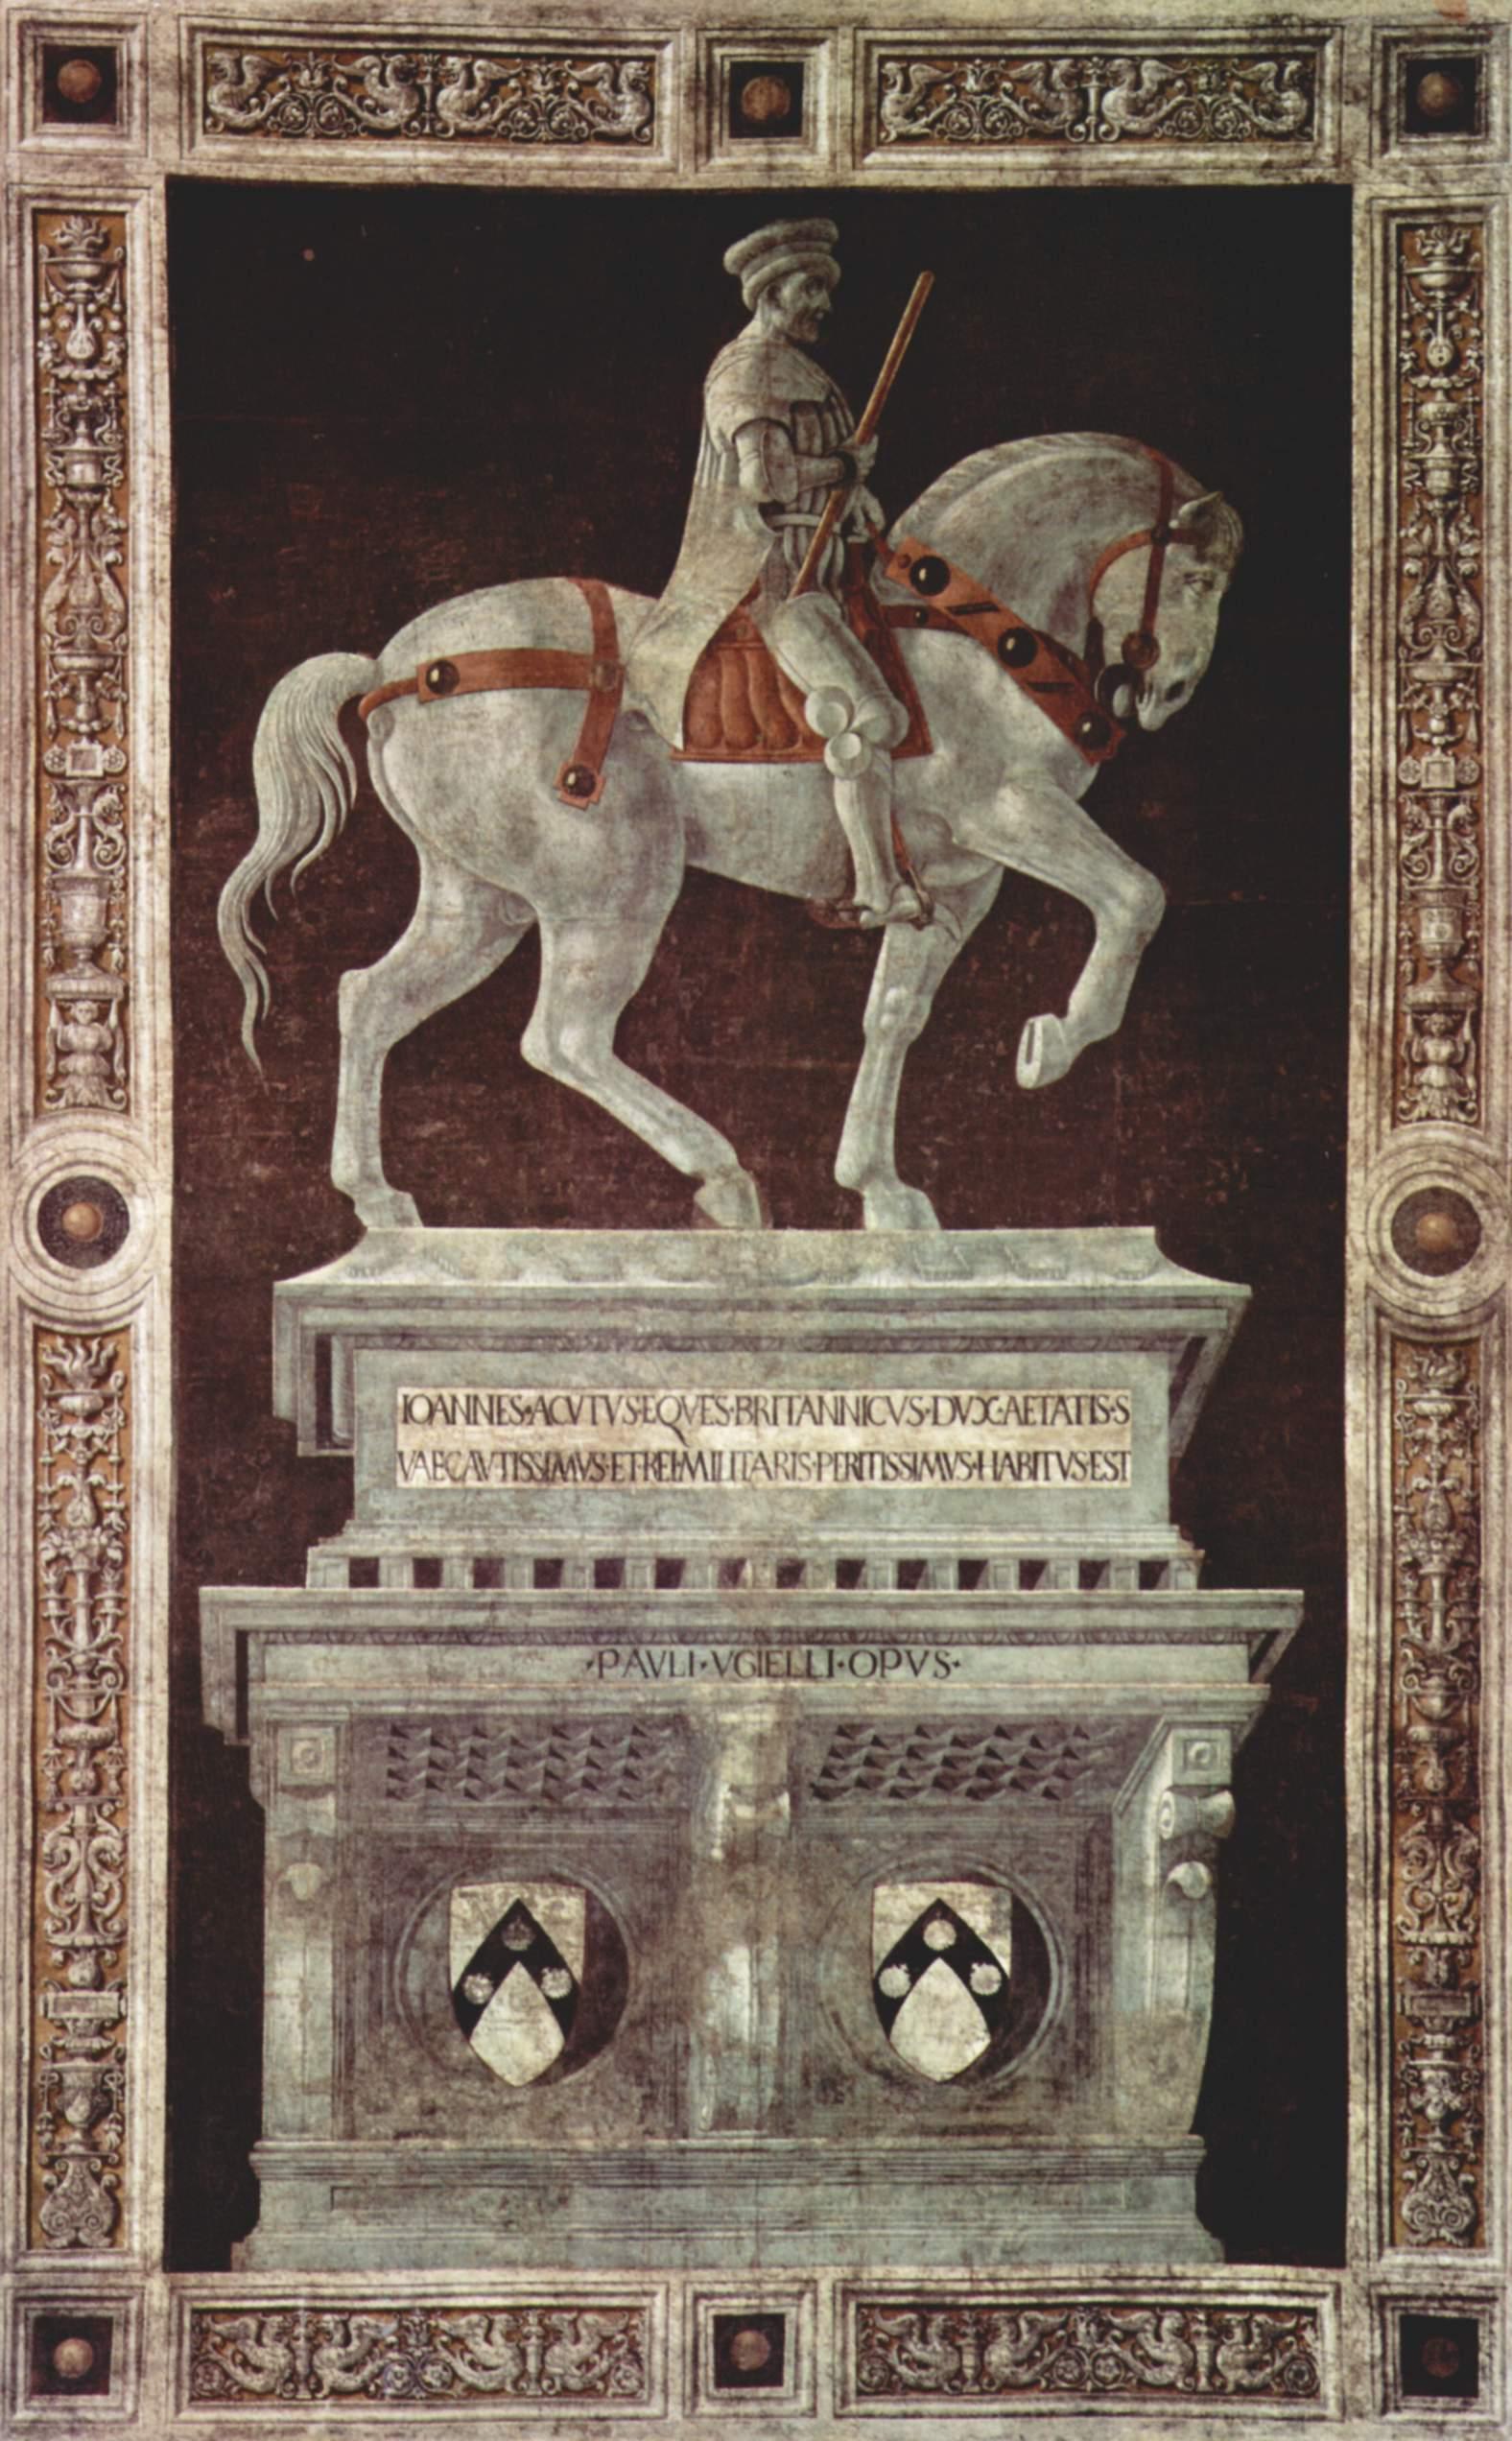 Paolo Uccello. Retrato ecuestre del condotiero Giovanni Acuto